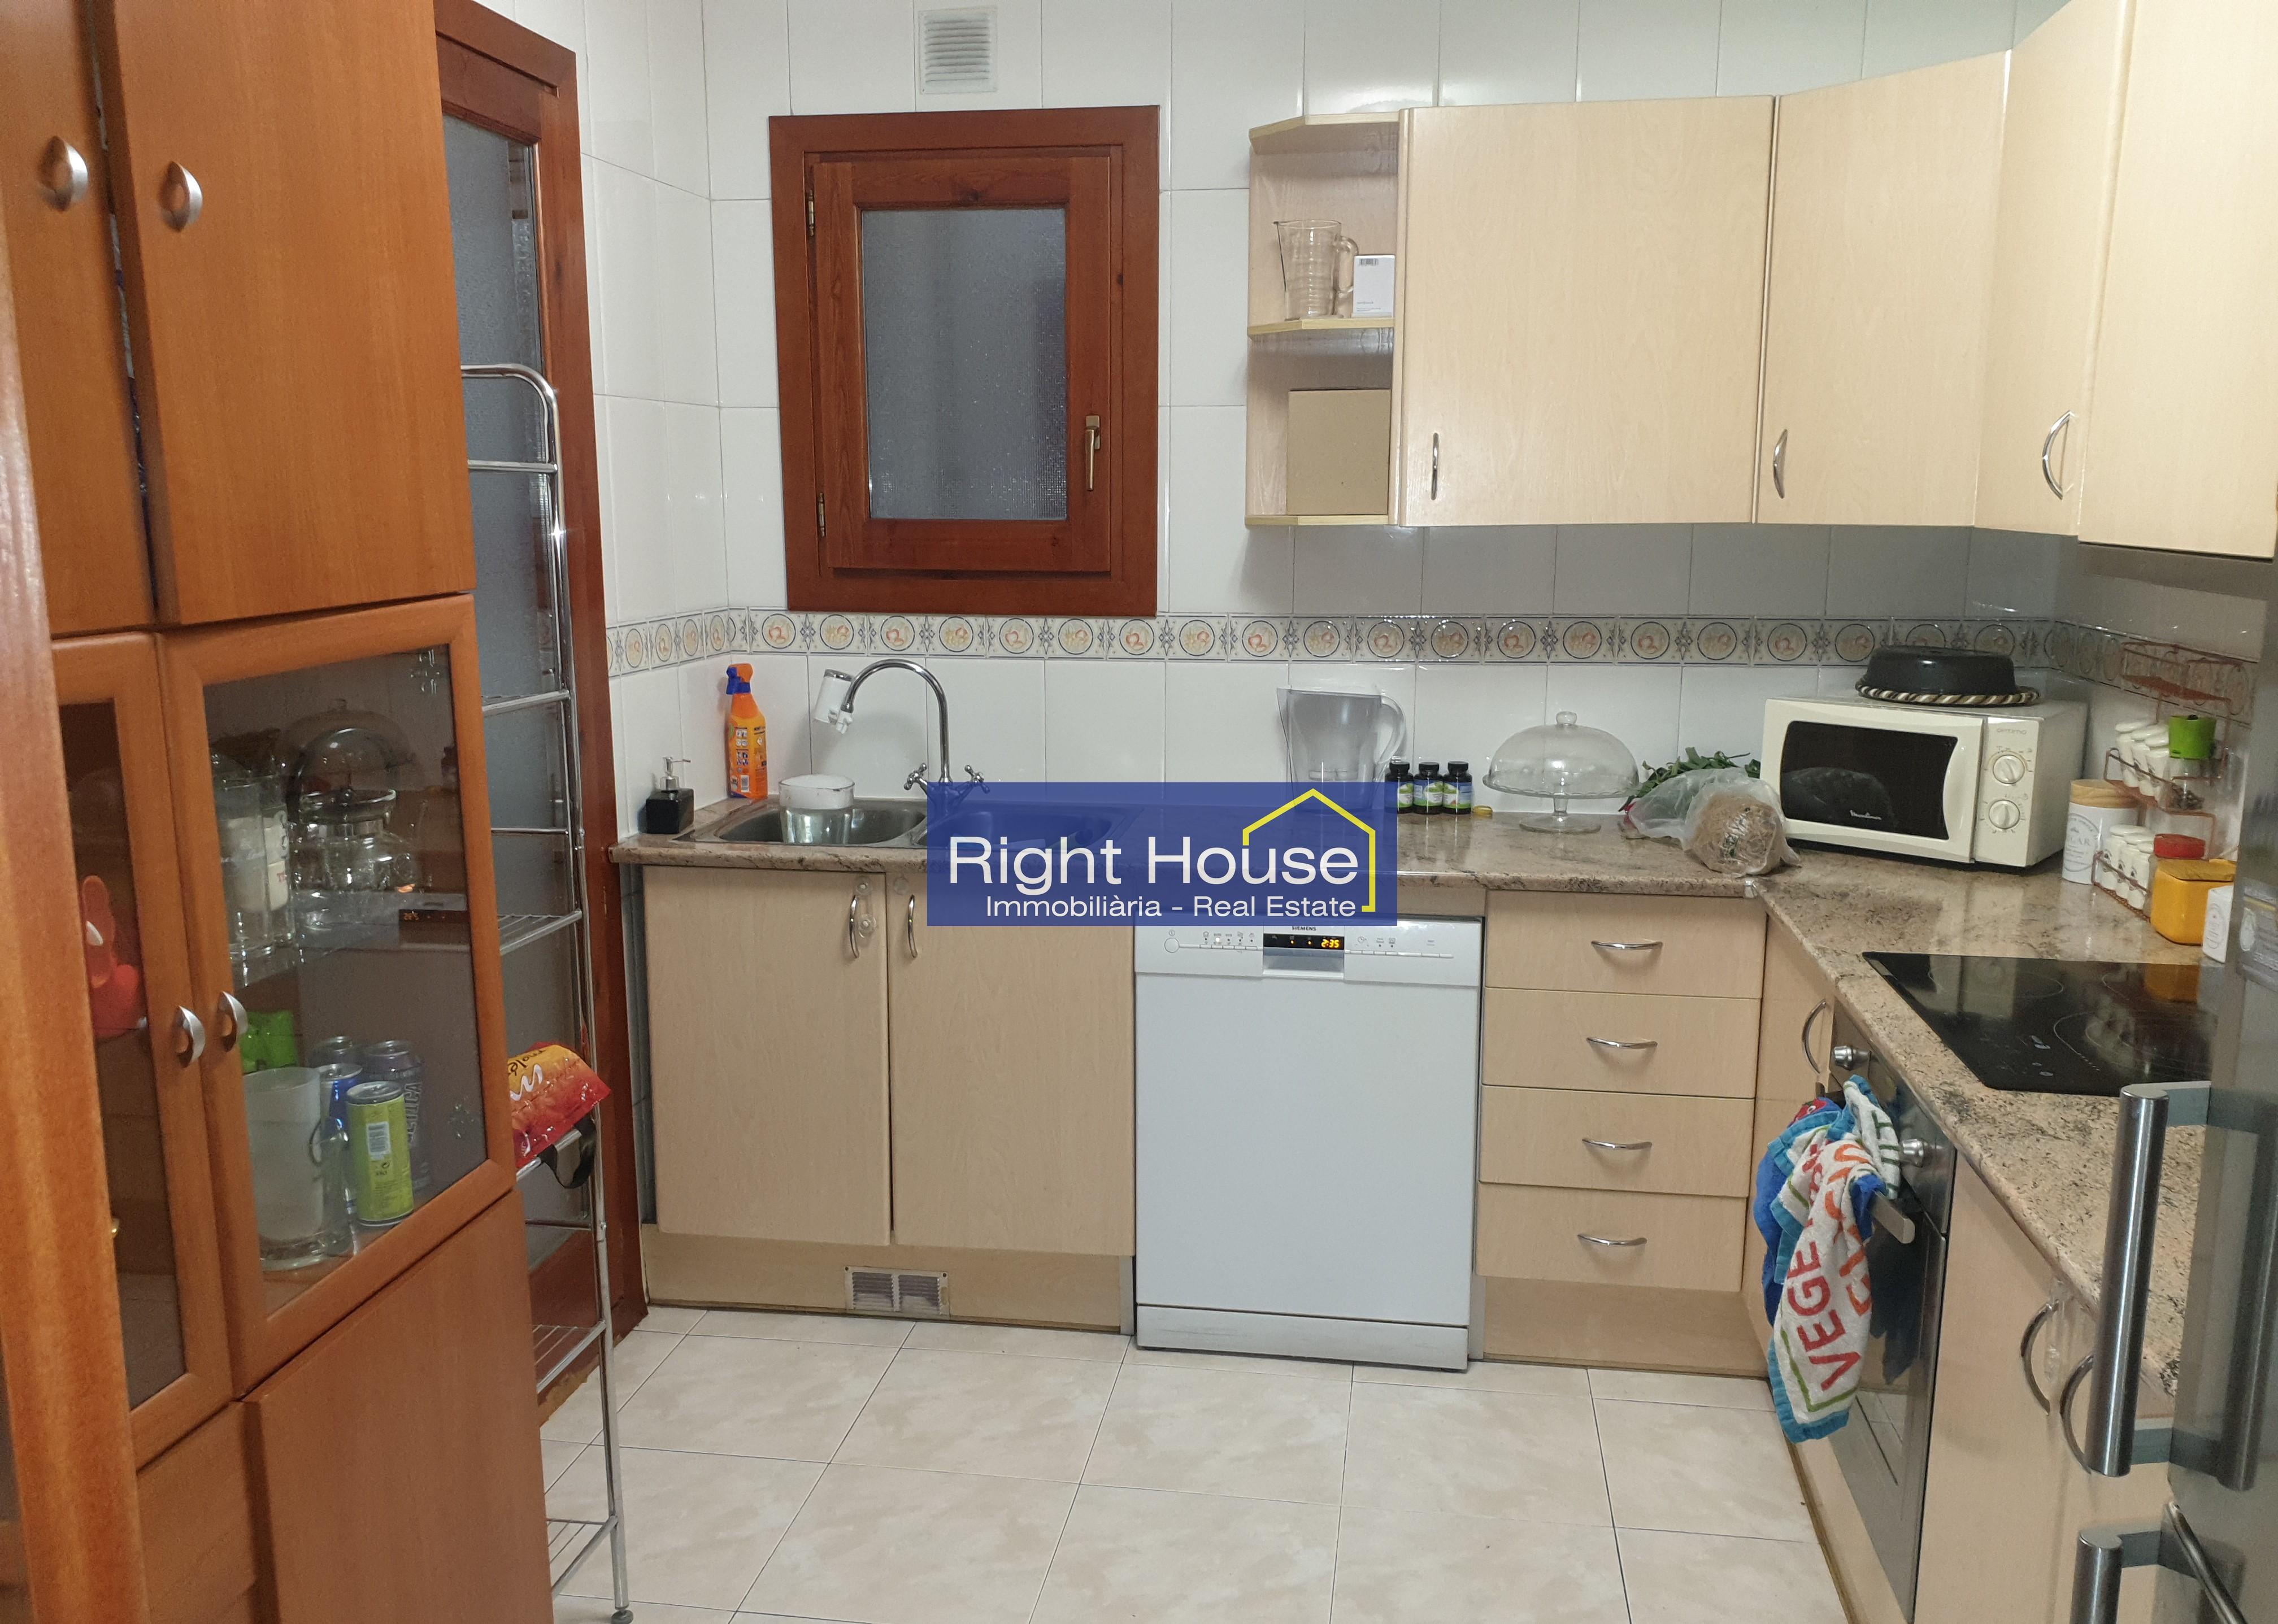 Pis en venda a Encamp, 3 habitacions, 86 metres